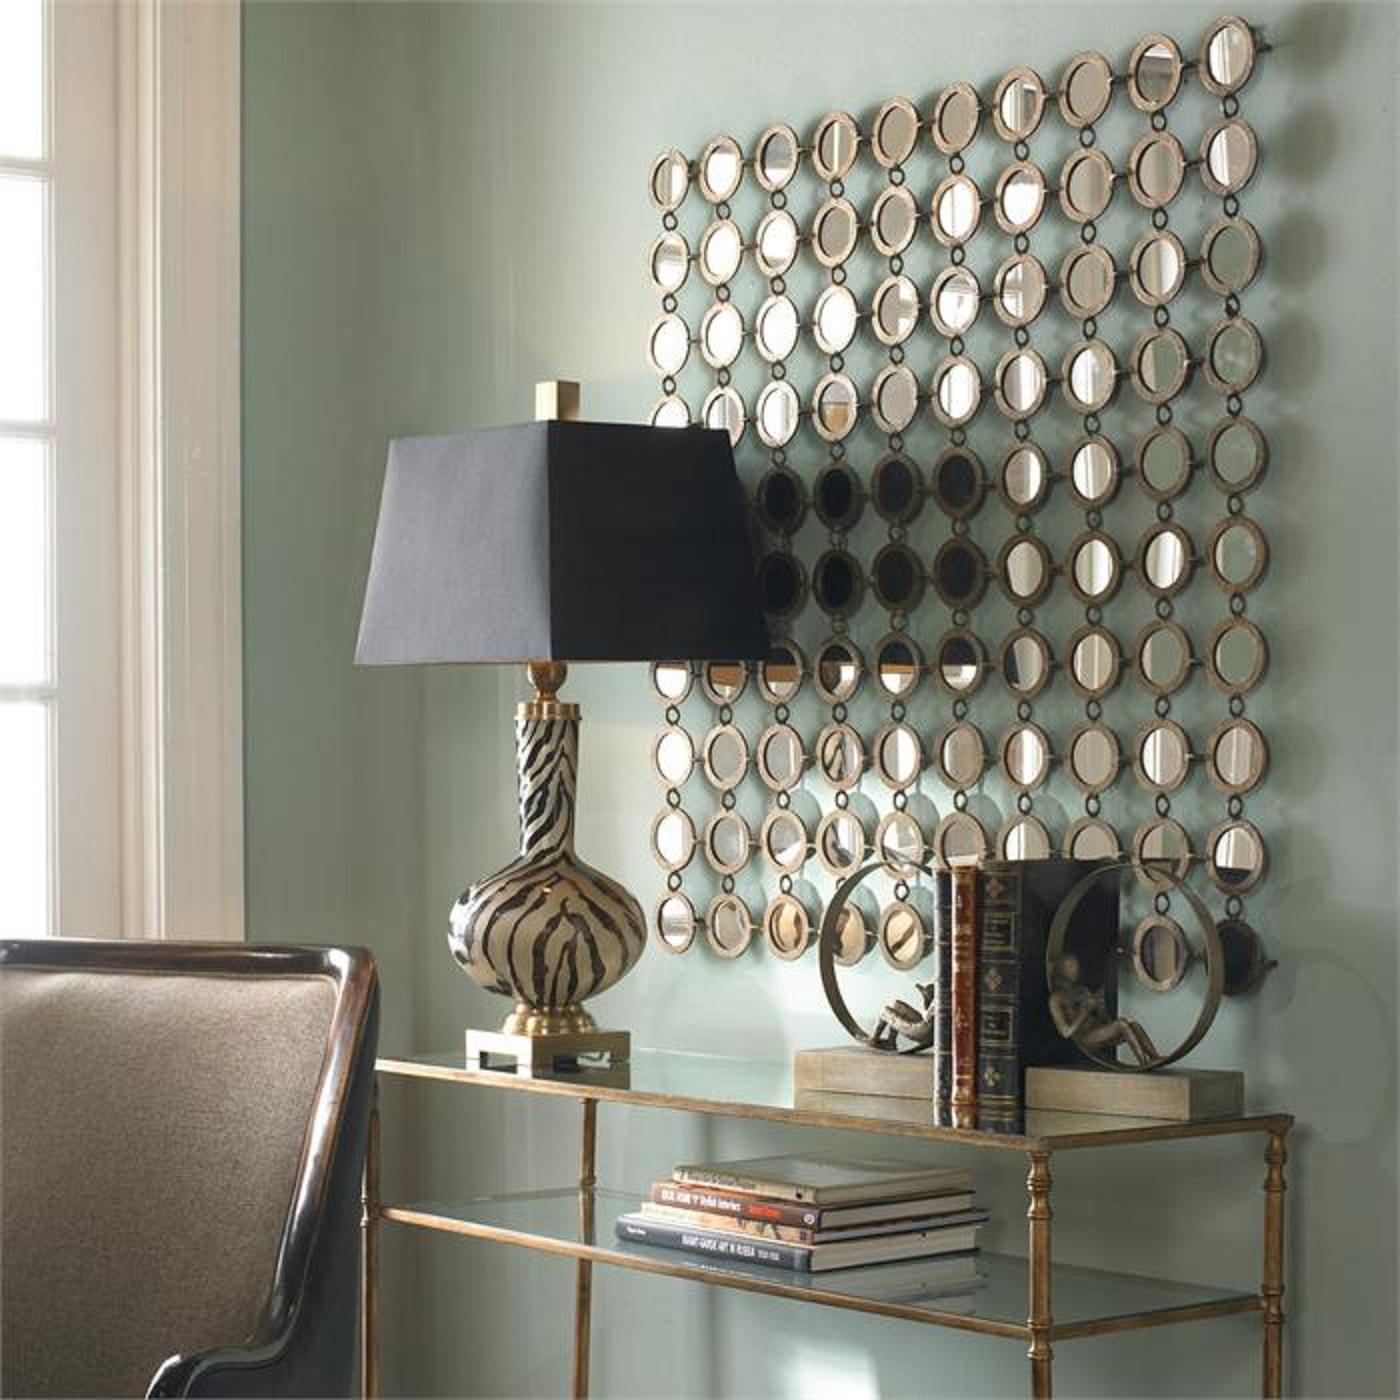 Metal Mirror Wall Decor | Jeffsbakery Basement & Mattress In 2018 Wall Art Decors (Gallery 11 of 15)